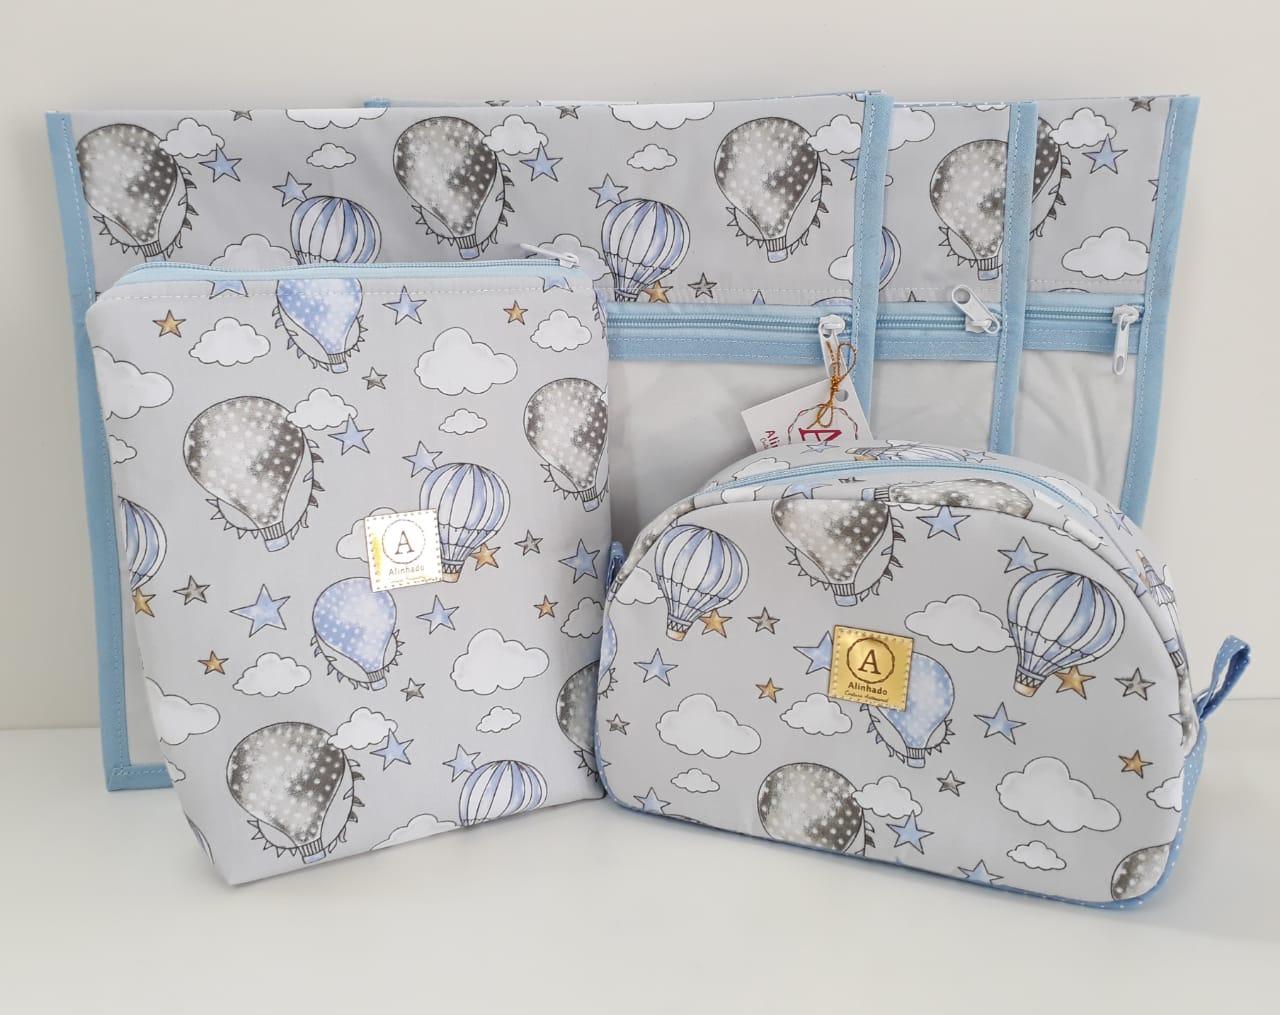 Kit Maternidade - 4 Saquinhos E 2 Necessaires + Porta Fraldas